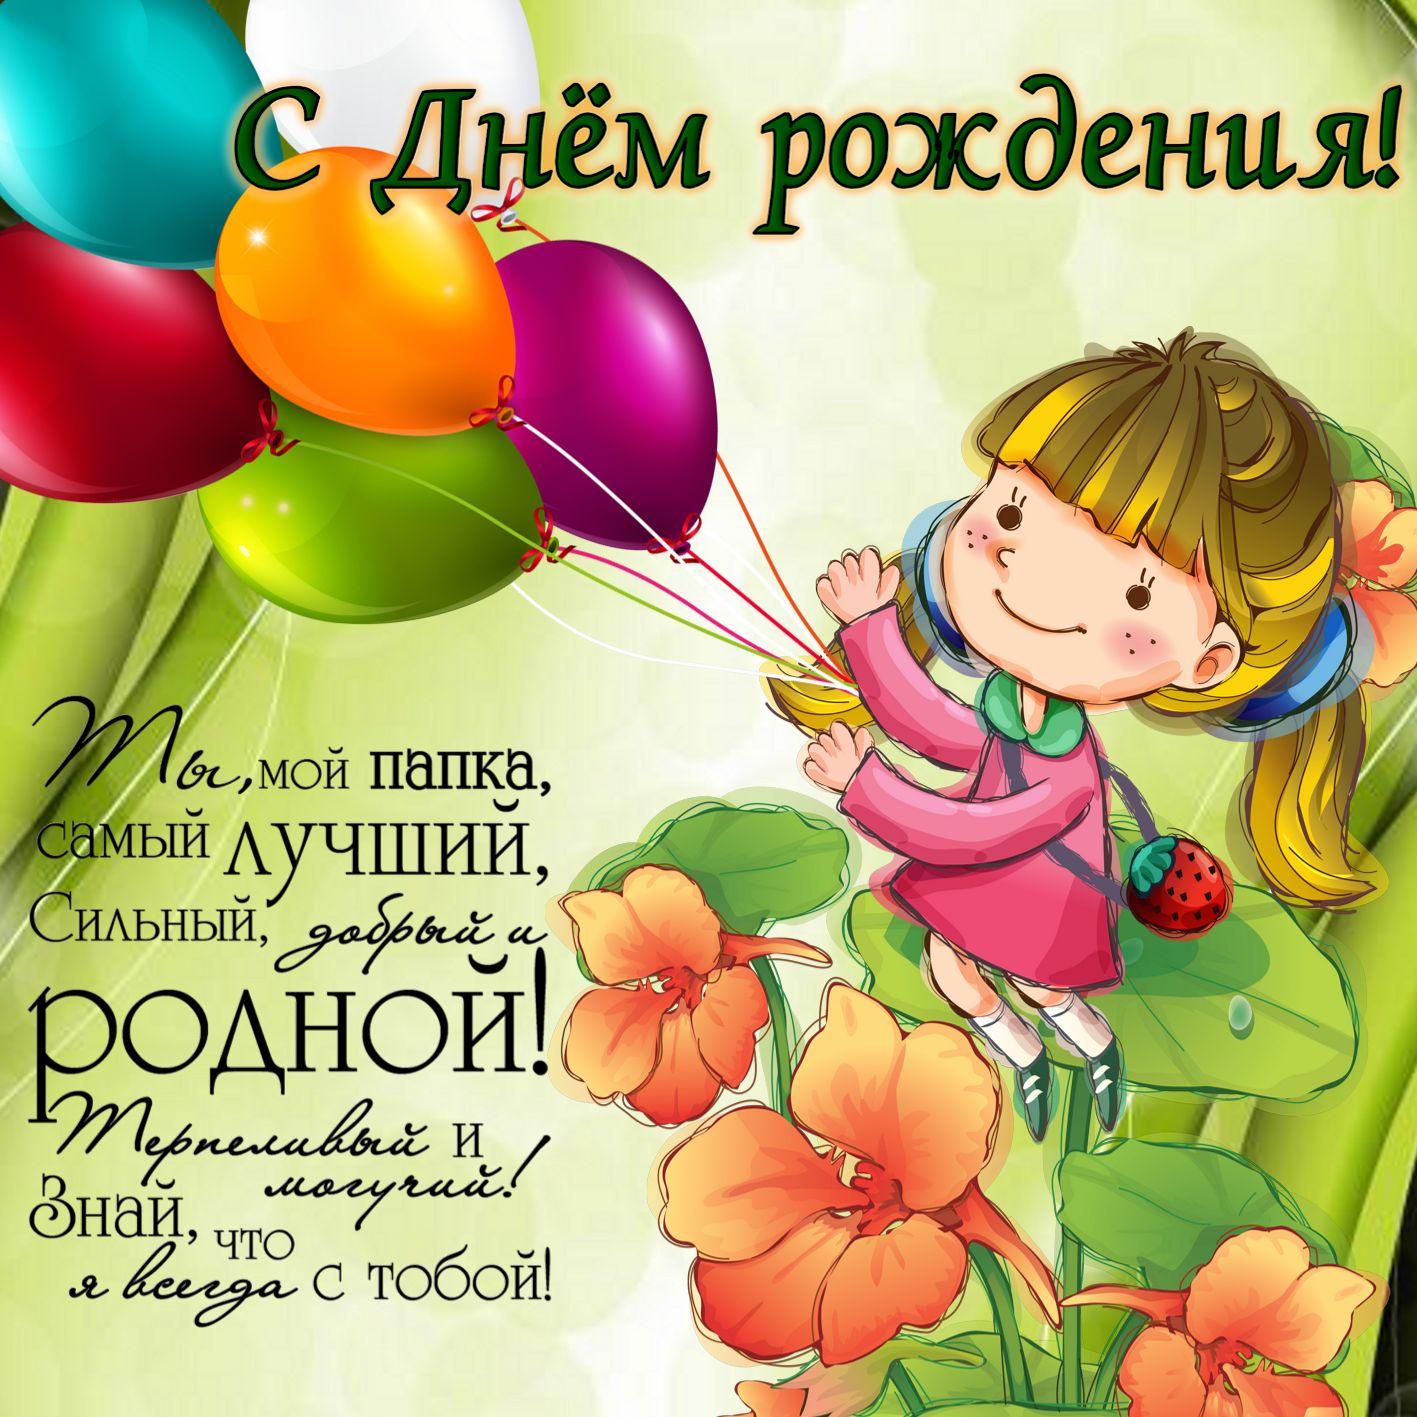 Открытка с днем рождения папе от дочери прикольные, картинки прикольные картинки